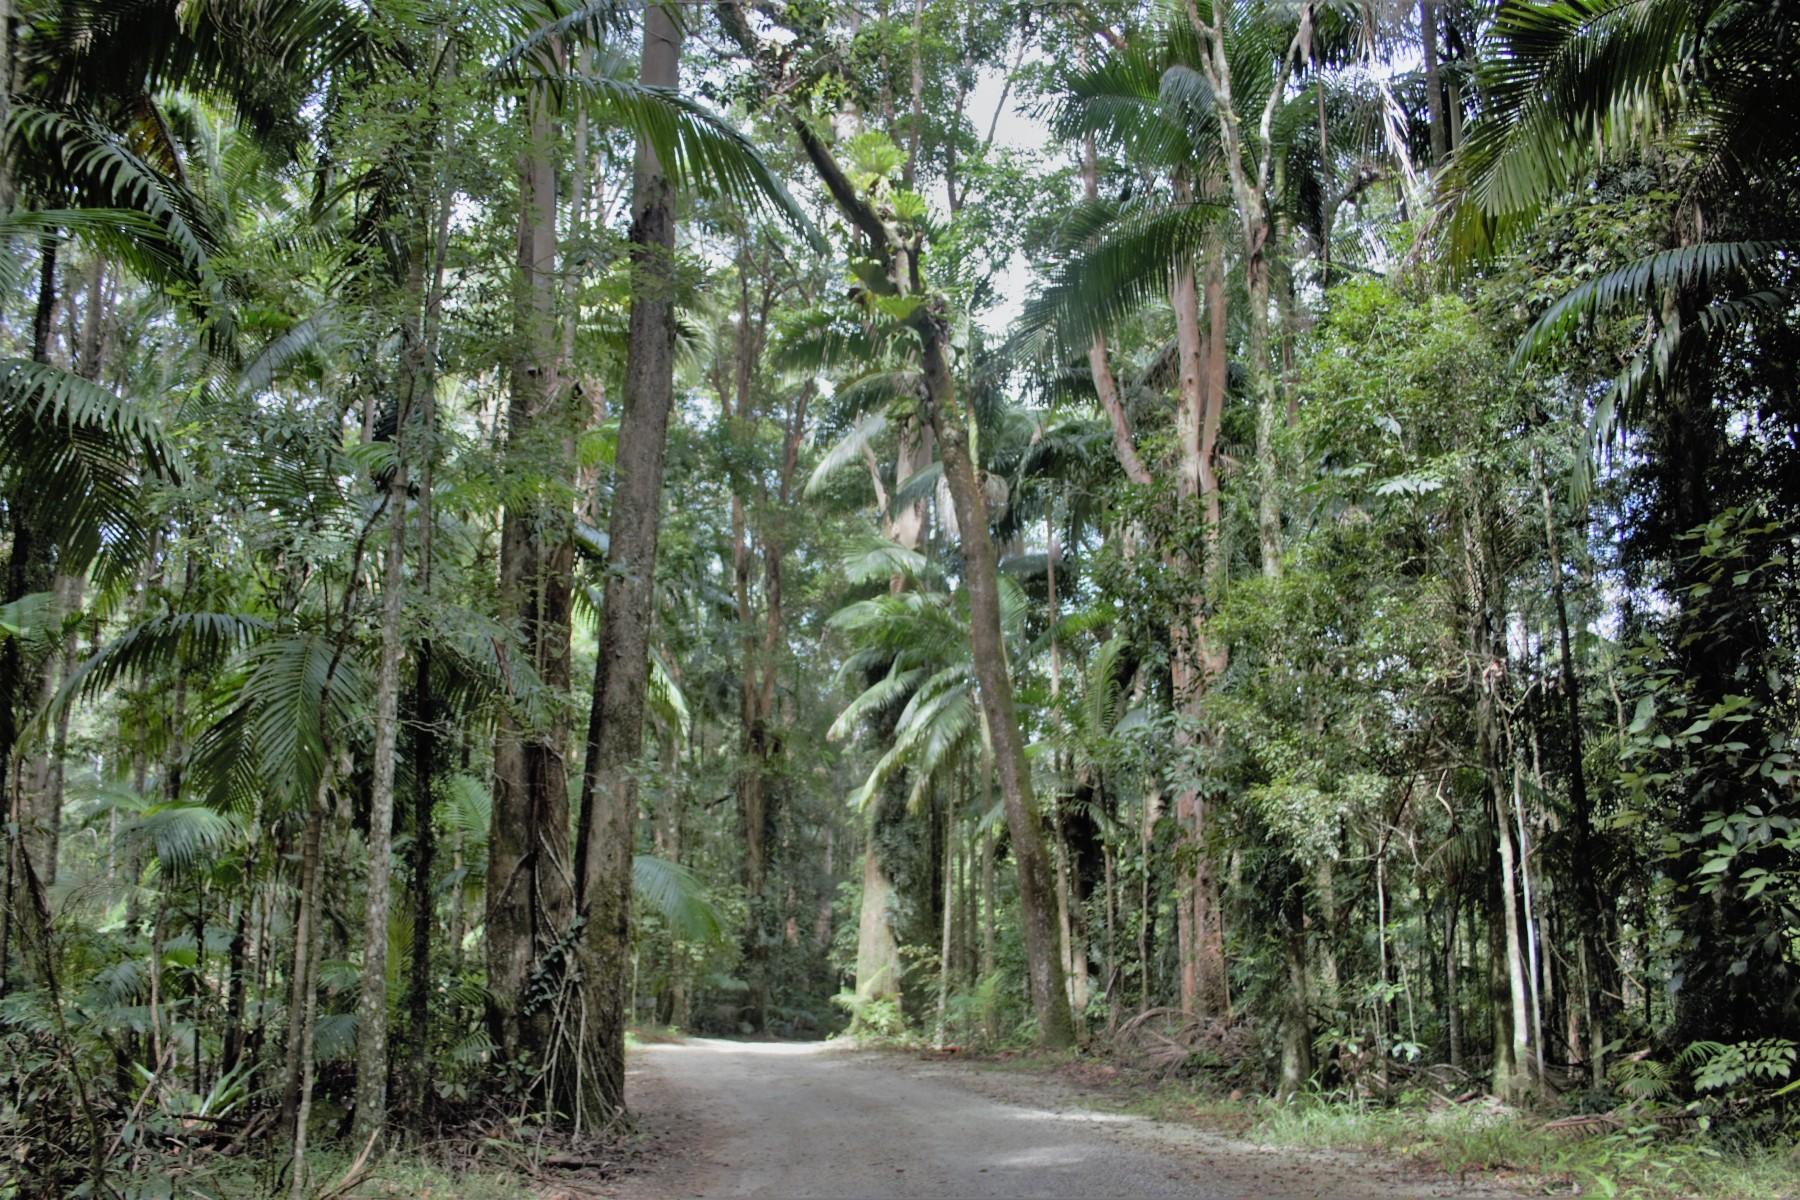 Crystal-Creek-Rainforest-Retreat-Arrival.-Image-Kate-Webster